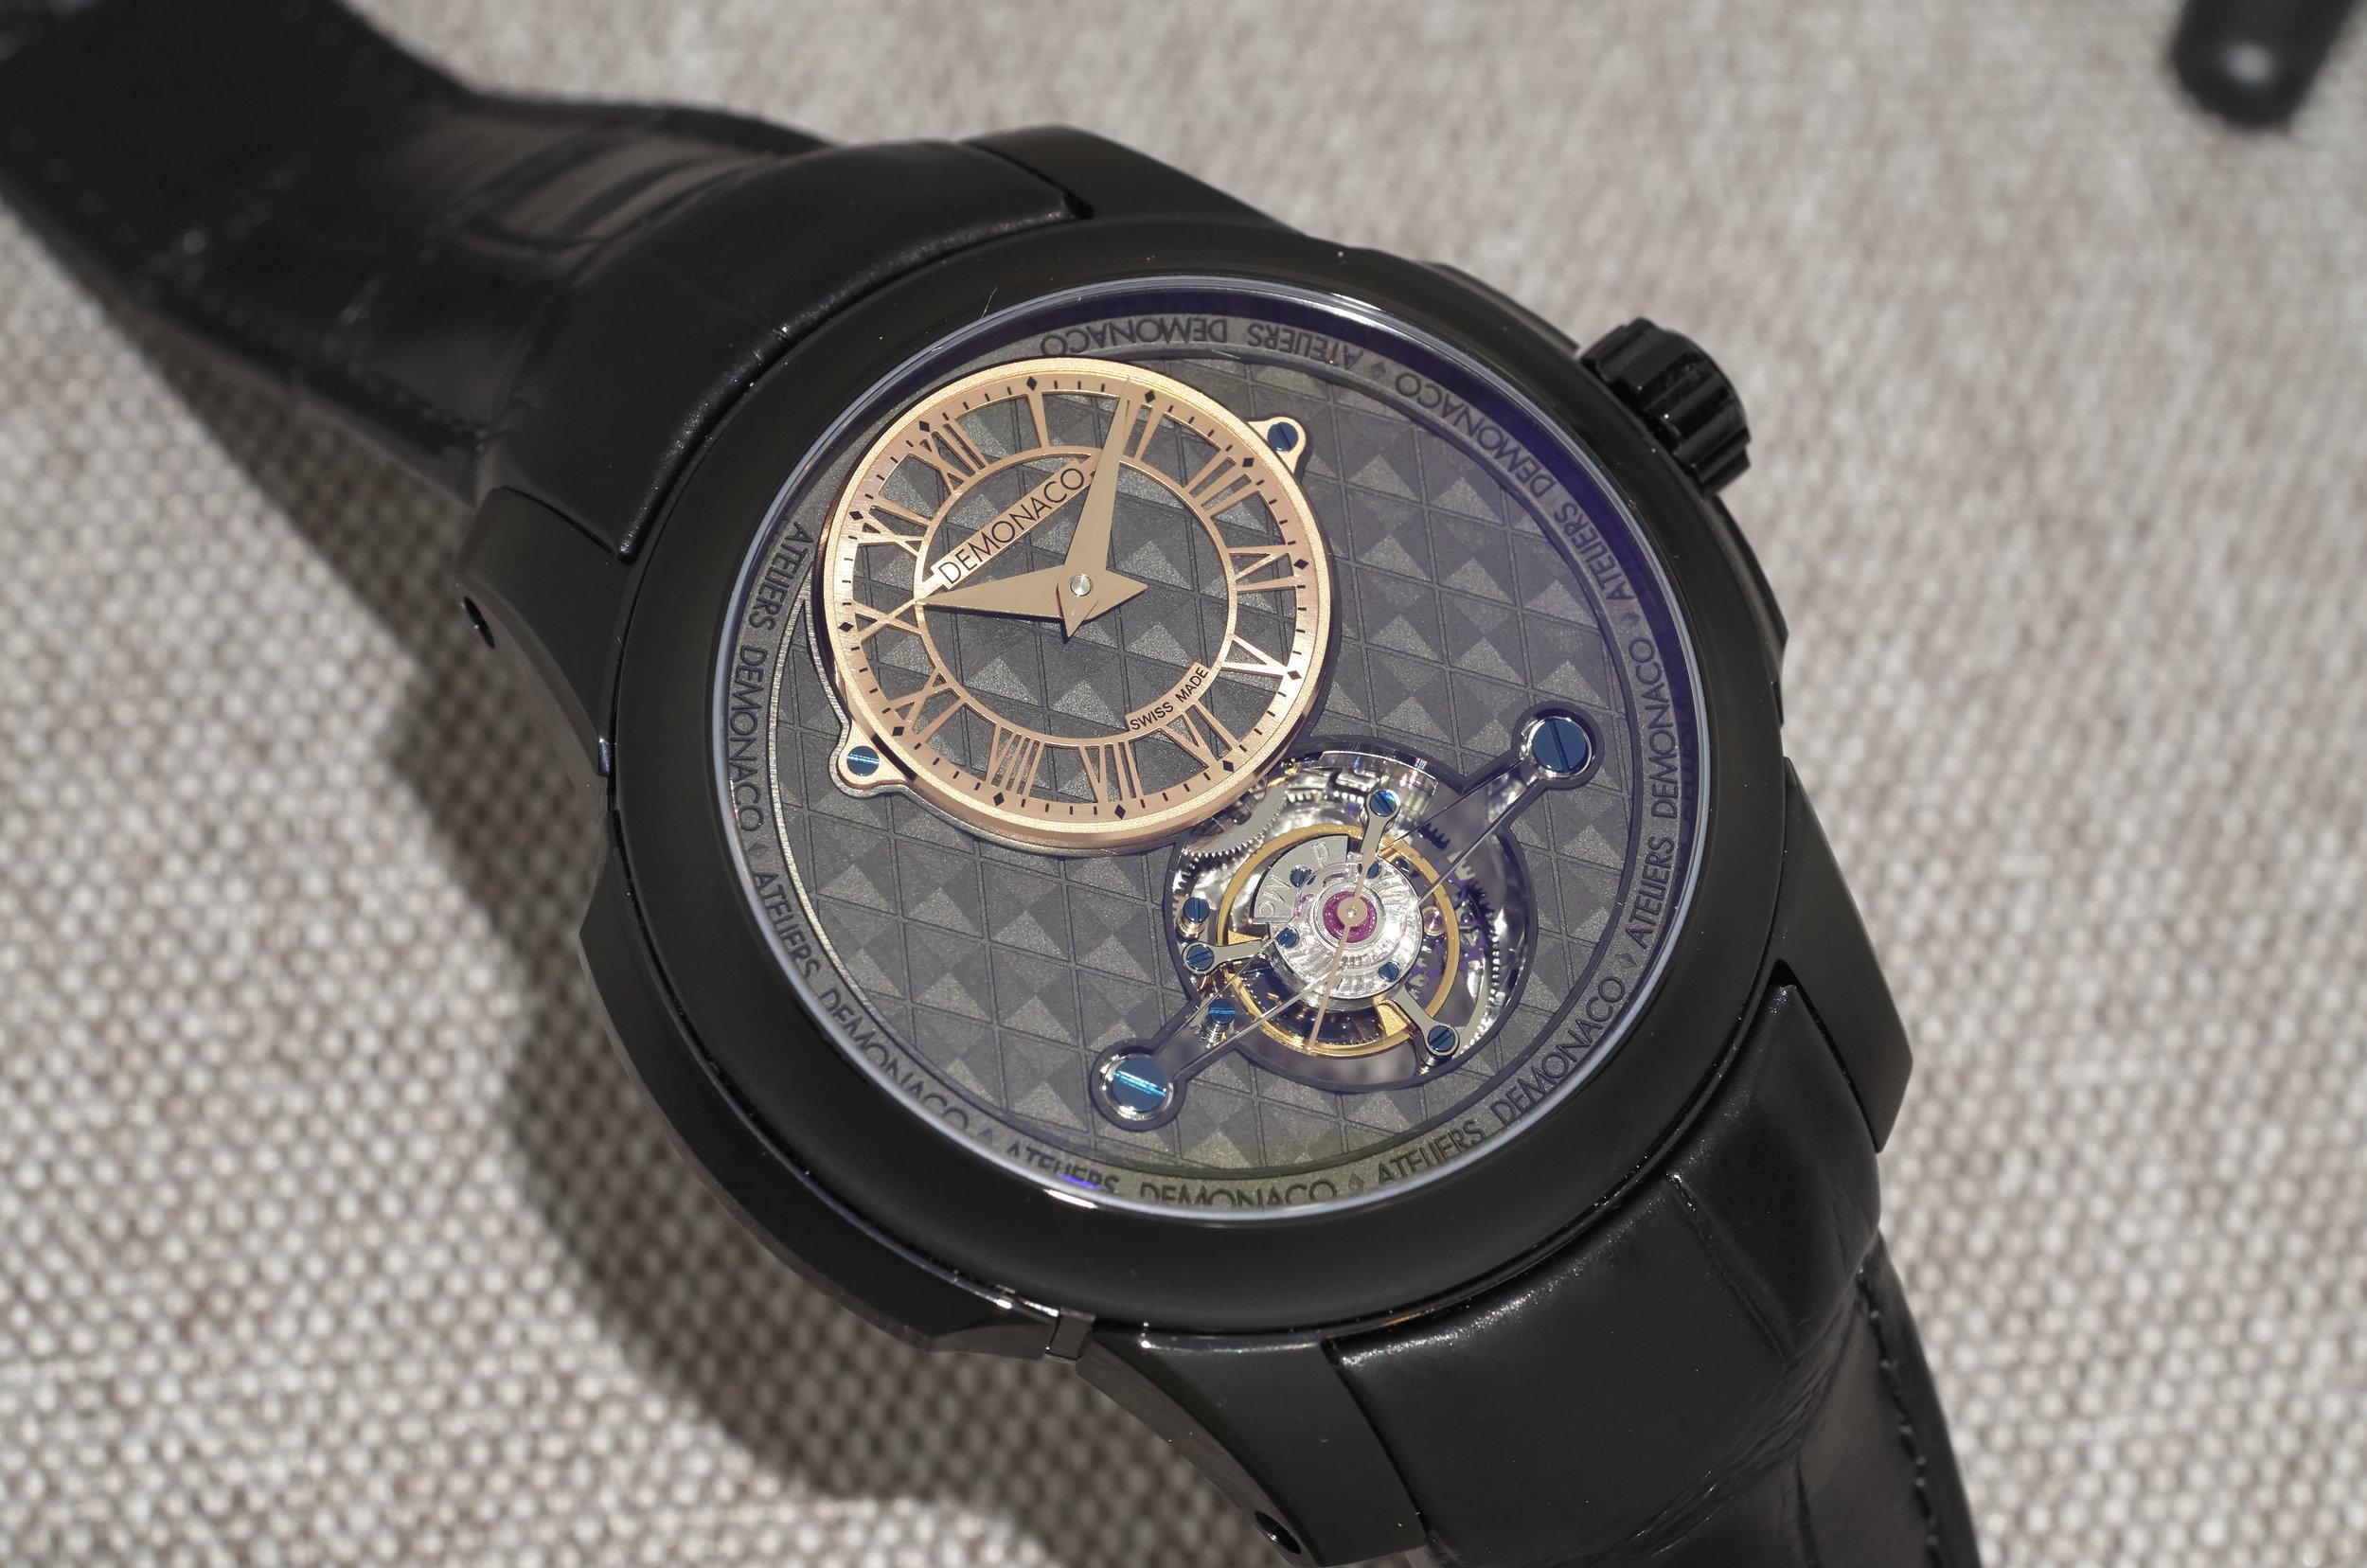 Ateliers de Monaco tourbillon with laser-etched dial